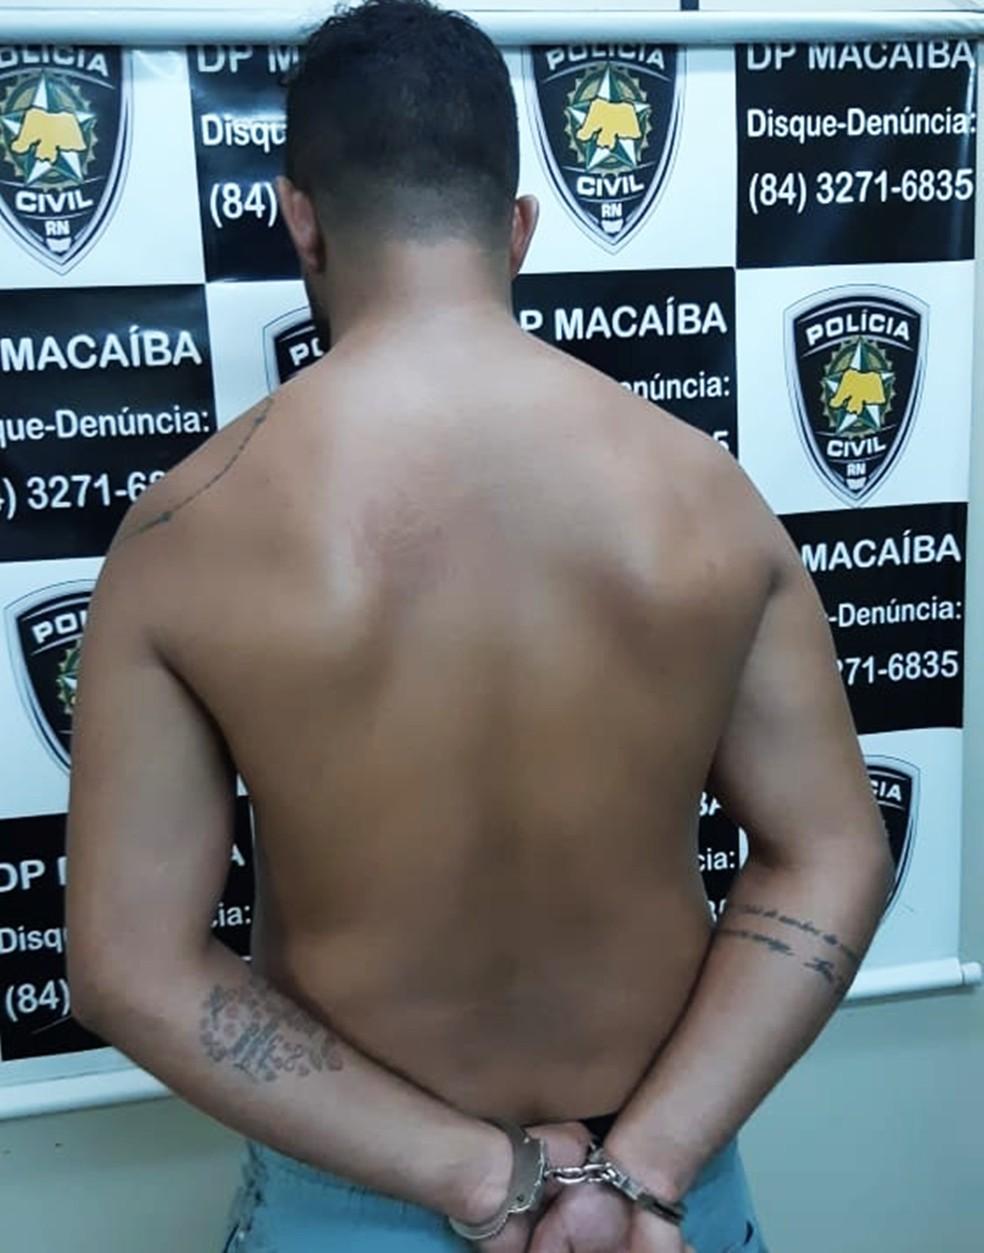 Preso estava na casa da sogra, no bairro Residencial Campinas. Não houve resistência. — Foto: Polícia Civil do RN/Divulgação